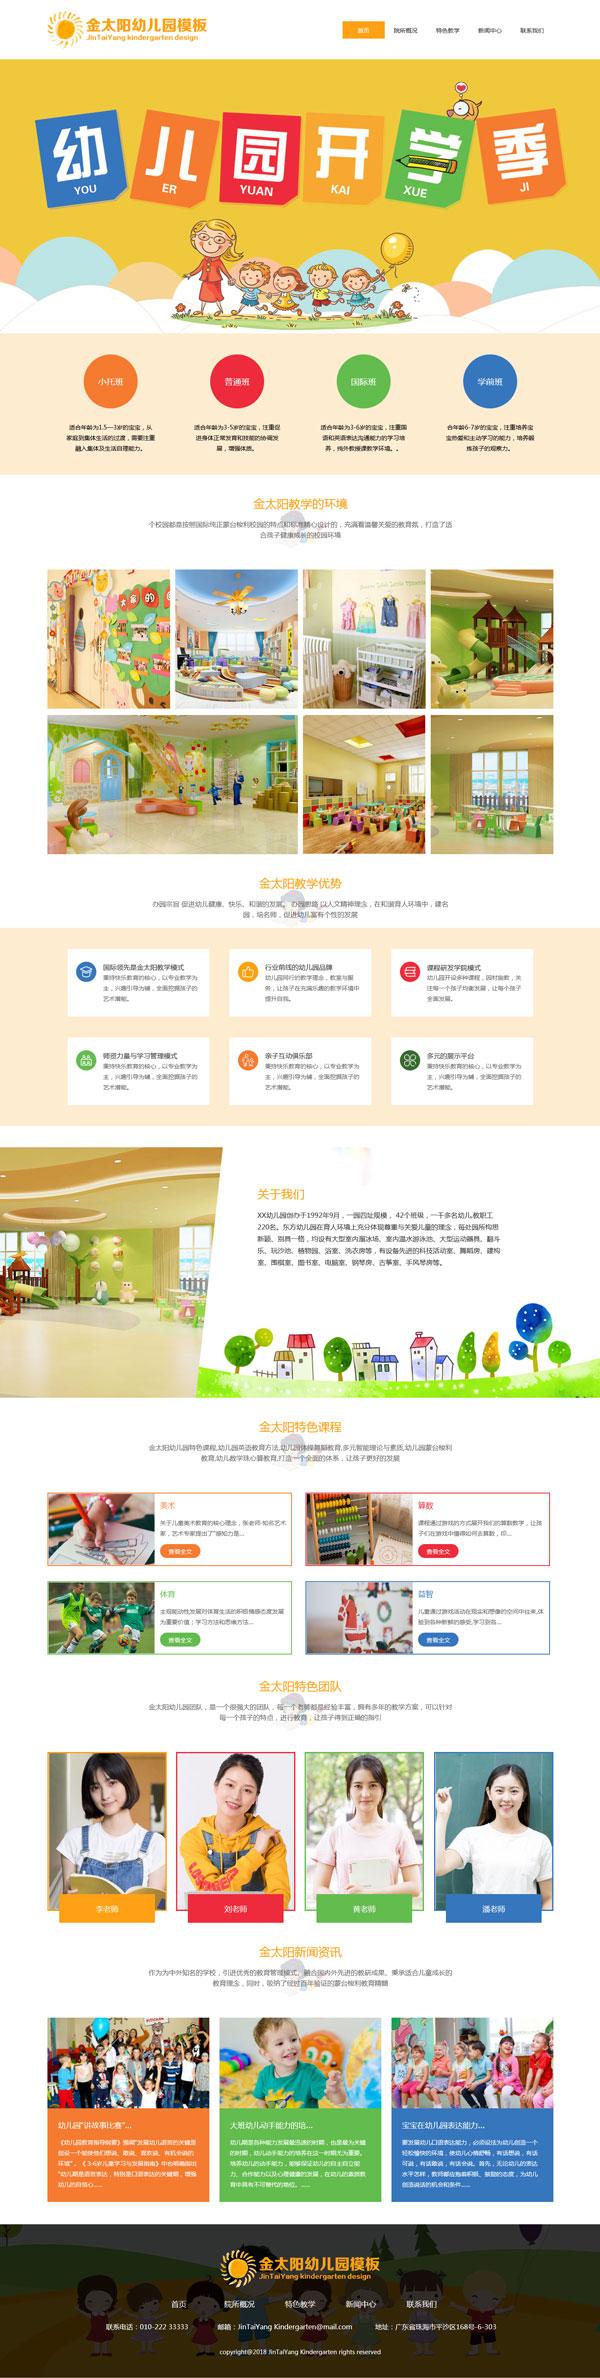 金太阳幼儿园展示小程序模板